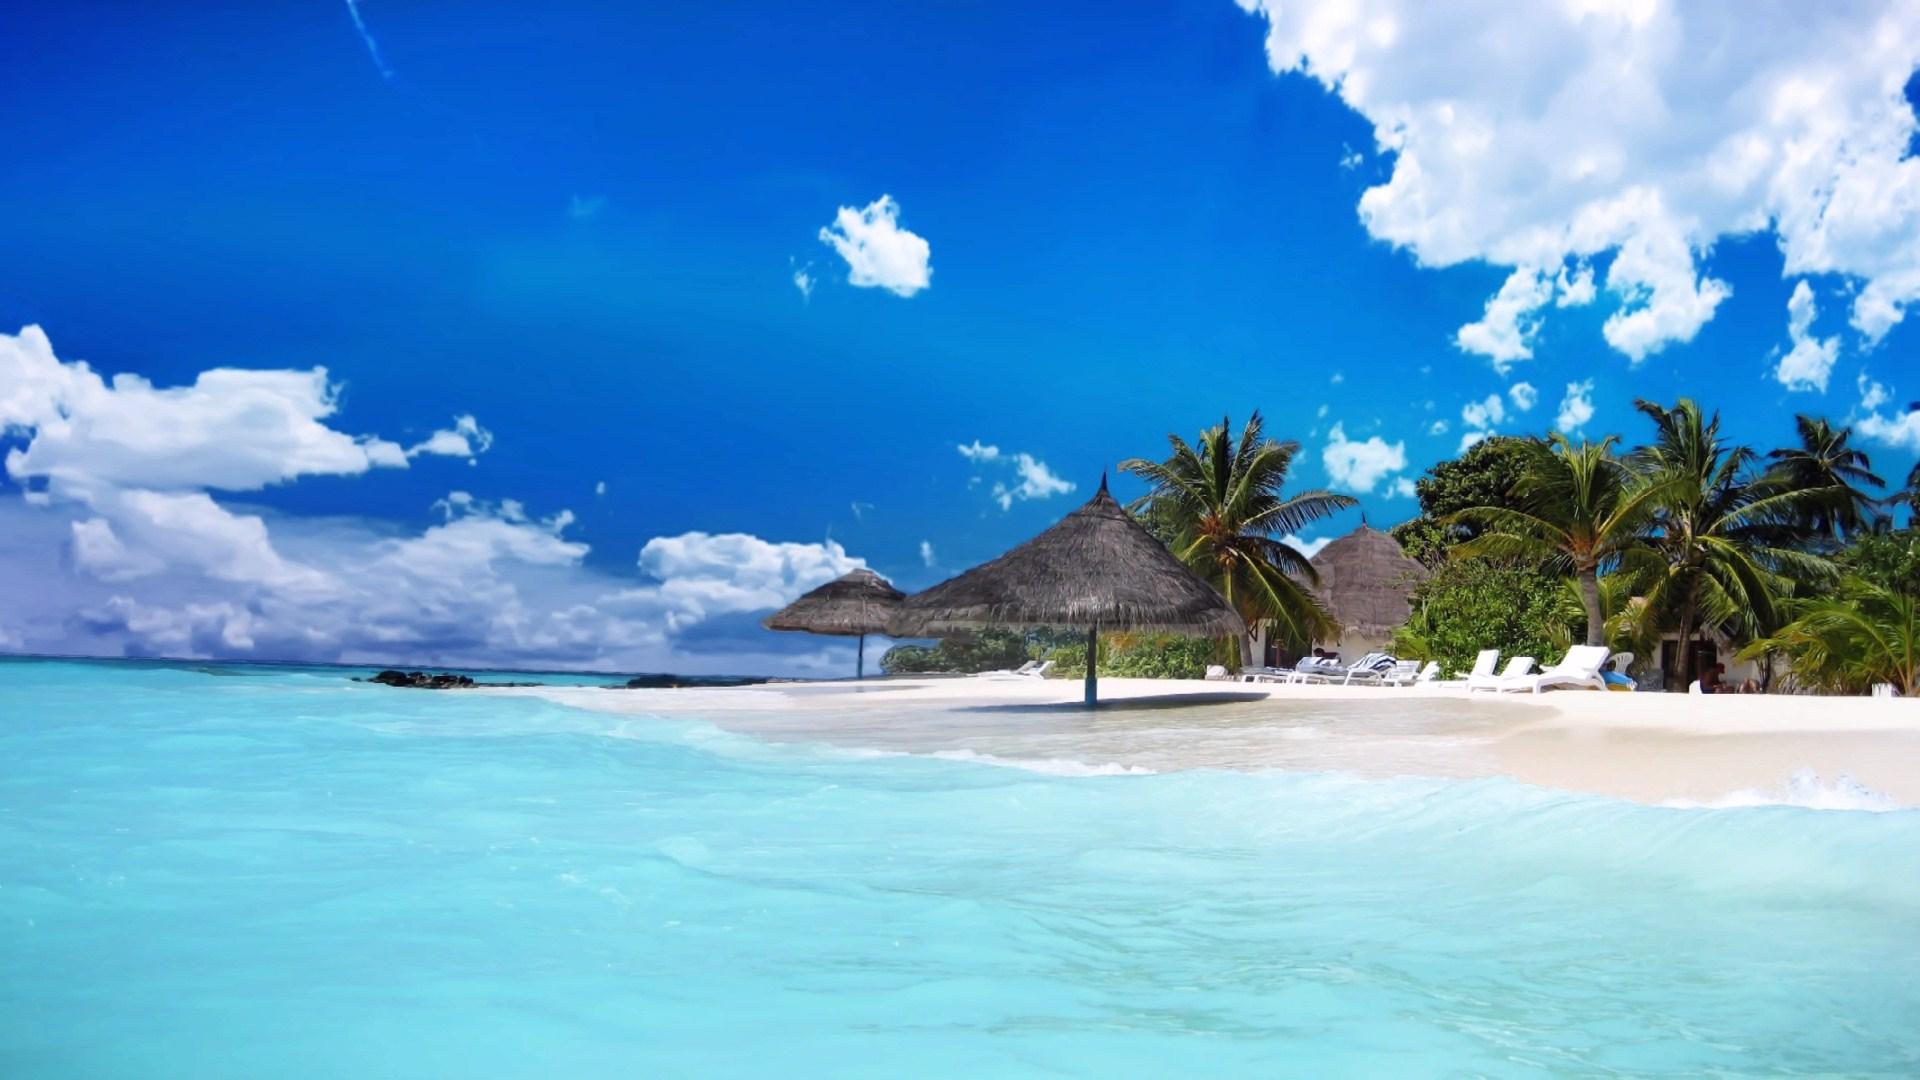 райский отдых анонимно